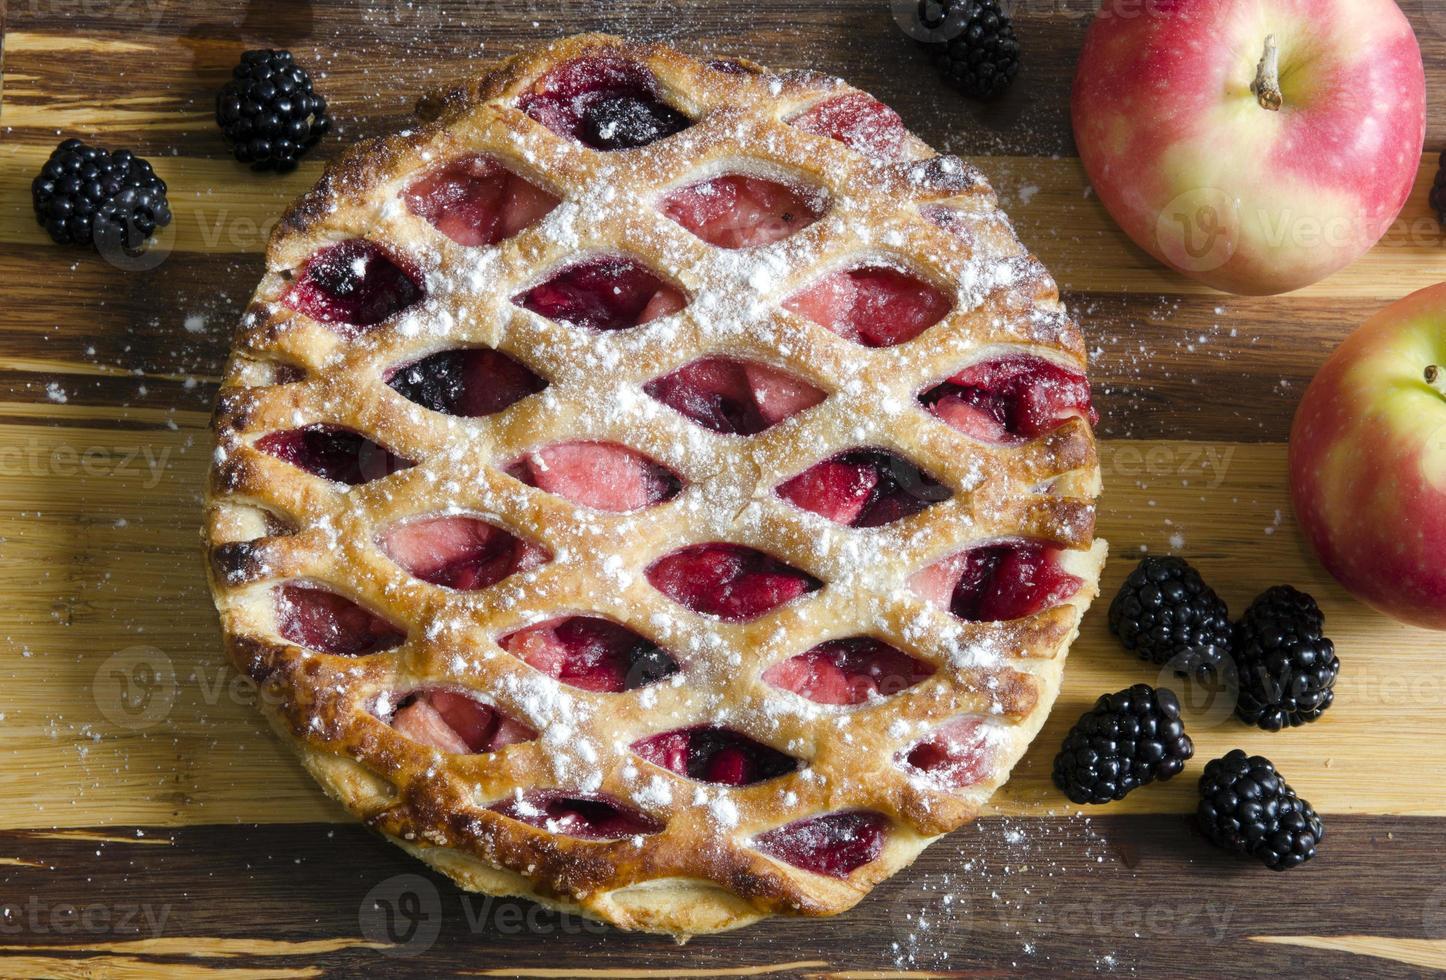 Apfelkuchen mit Beeren auf Holztisch foto